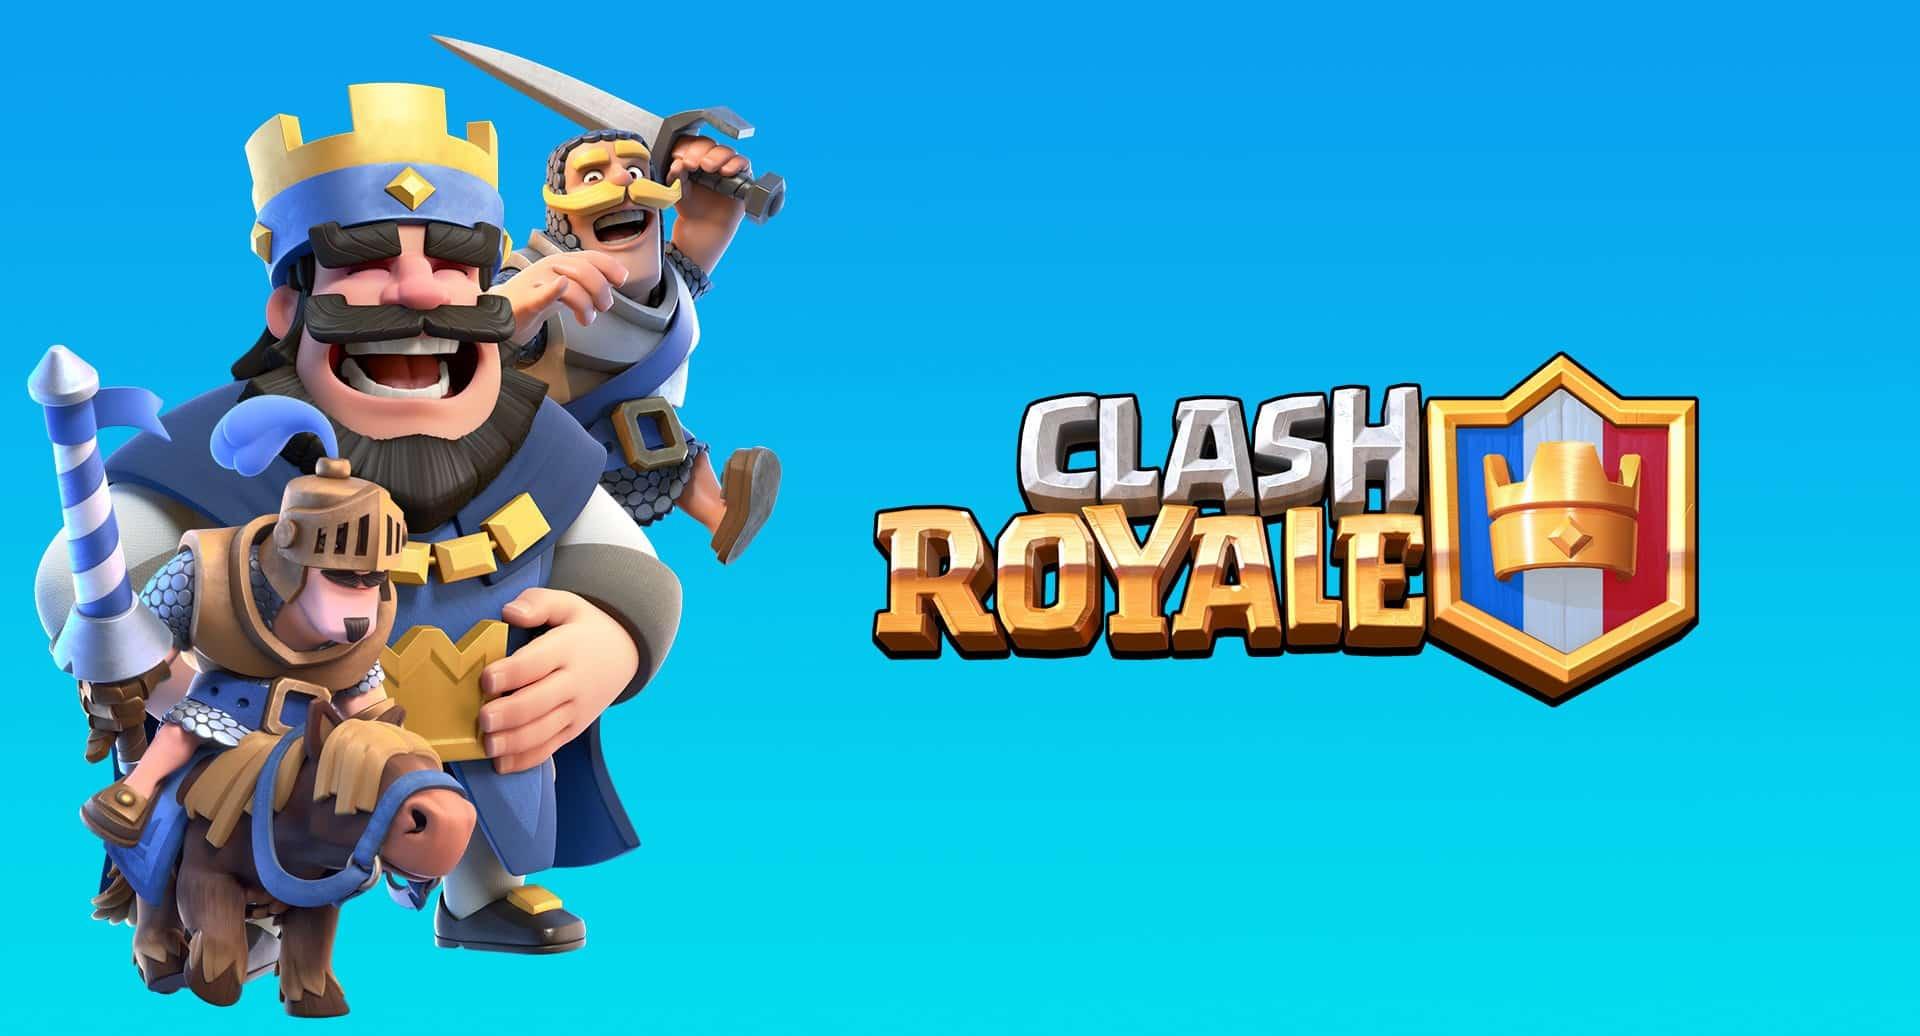 clash royale mod apk features